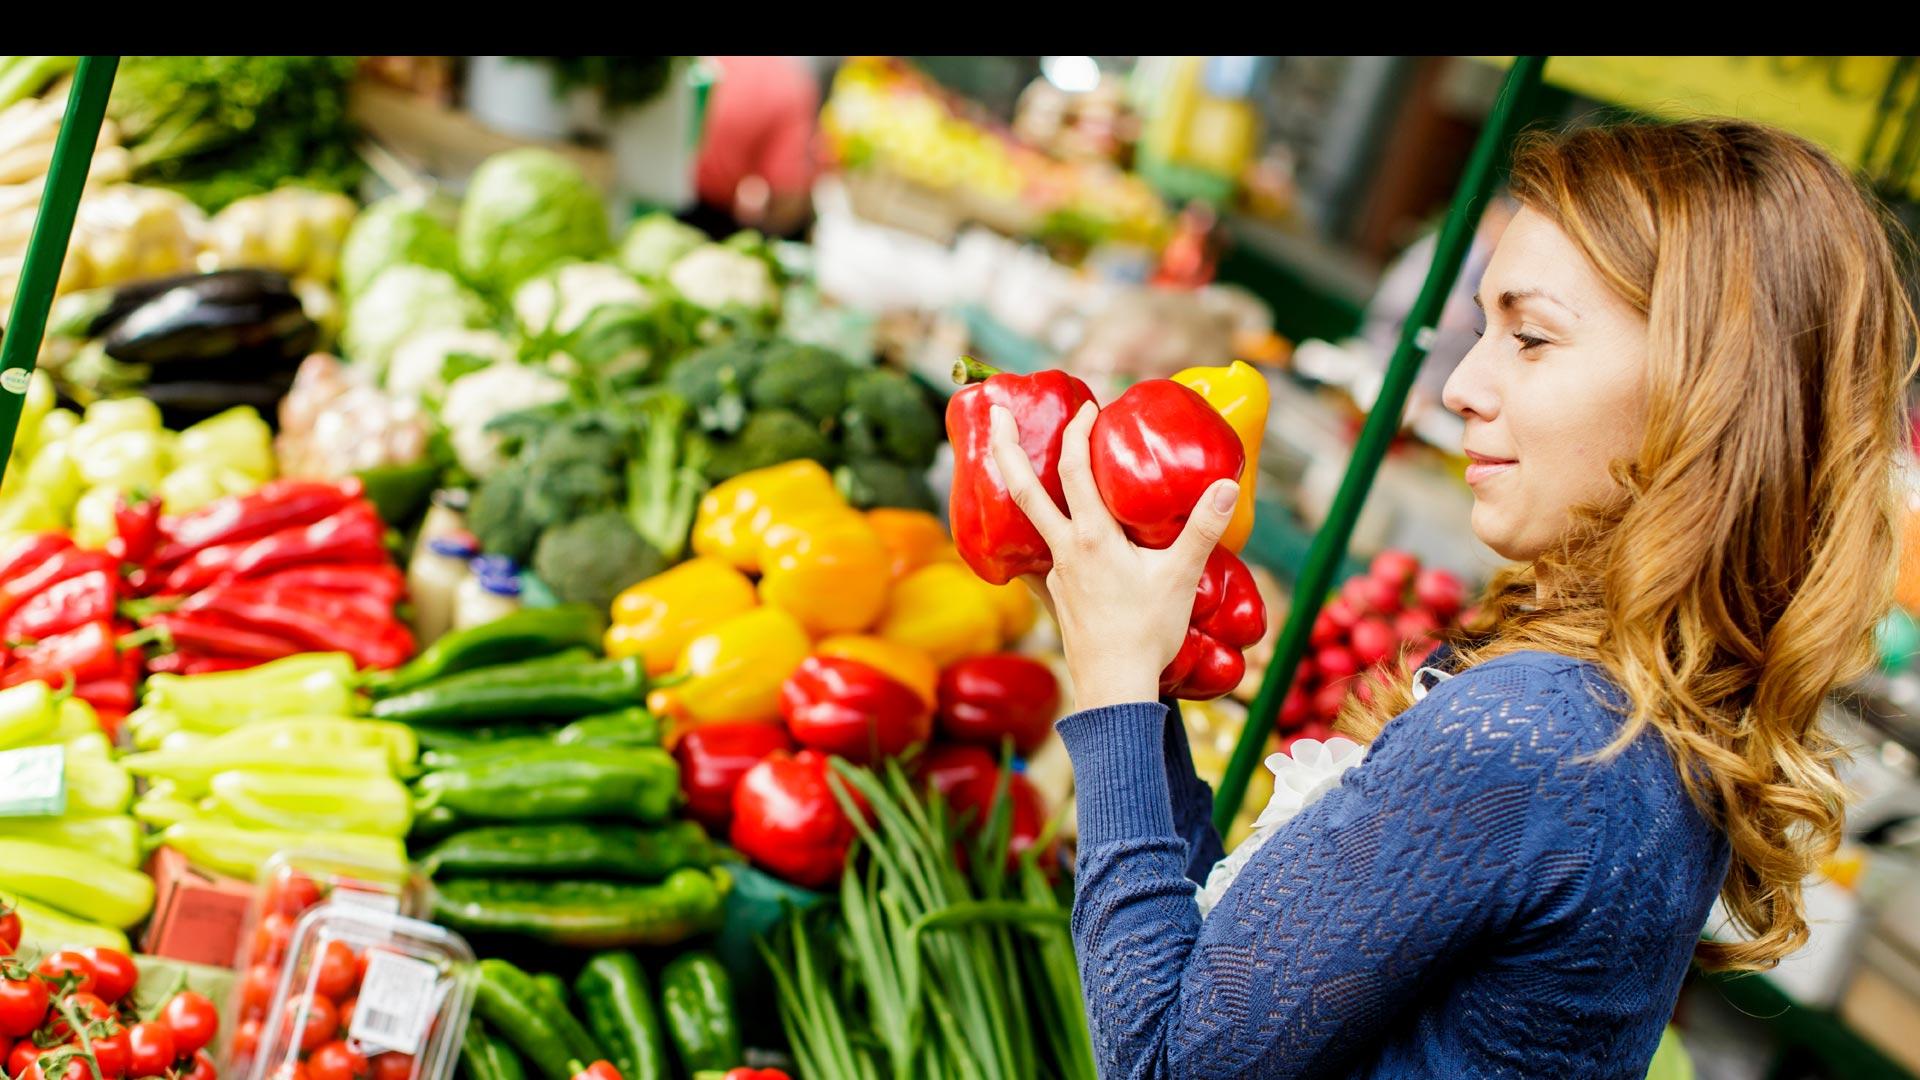 La Guía alimentaria 2015-2020 busca la prevención de afecciones cardiovasculares, diabetes, cáncer y obesidad